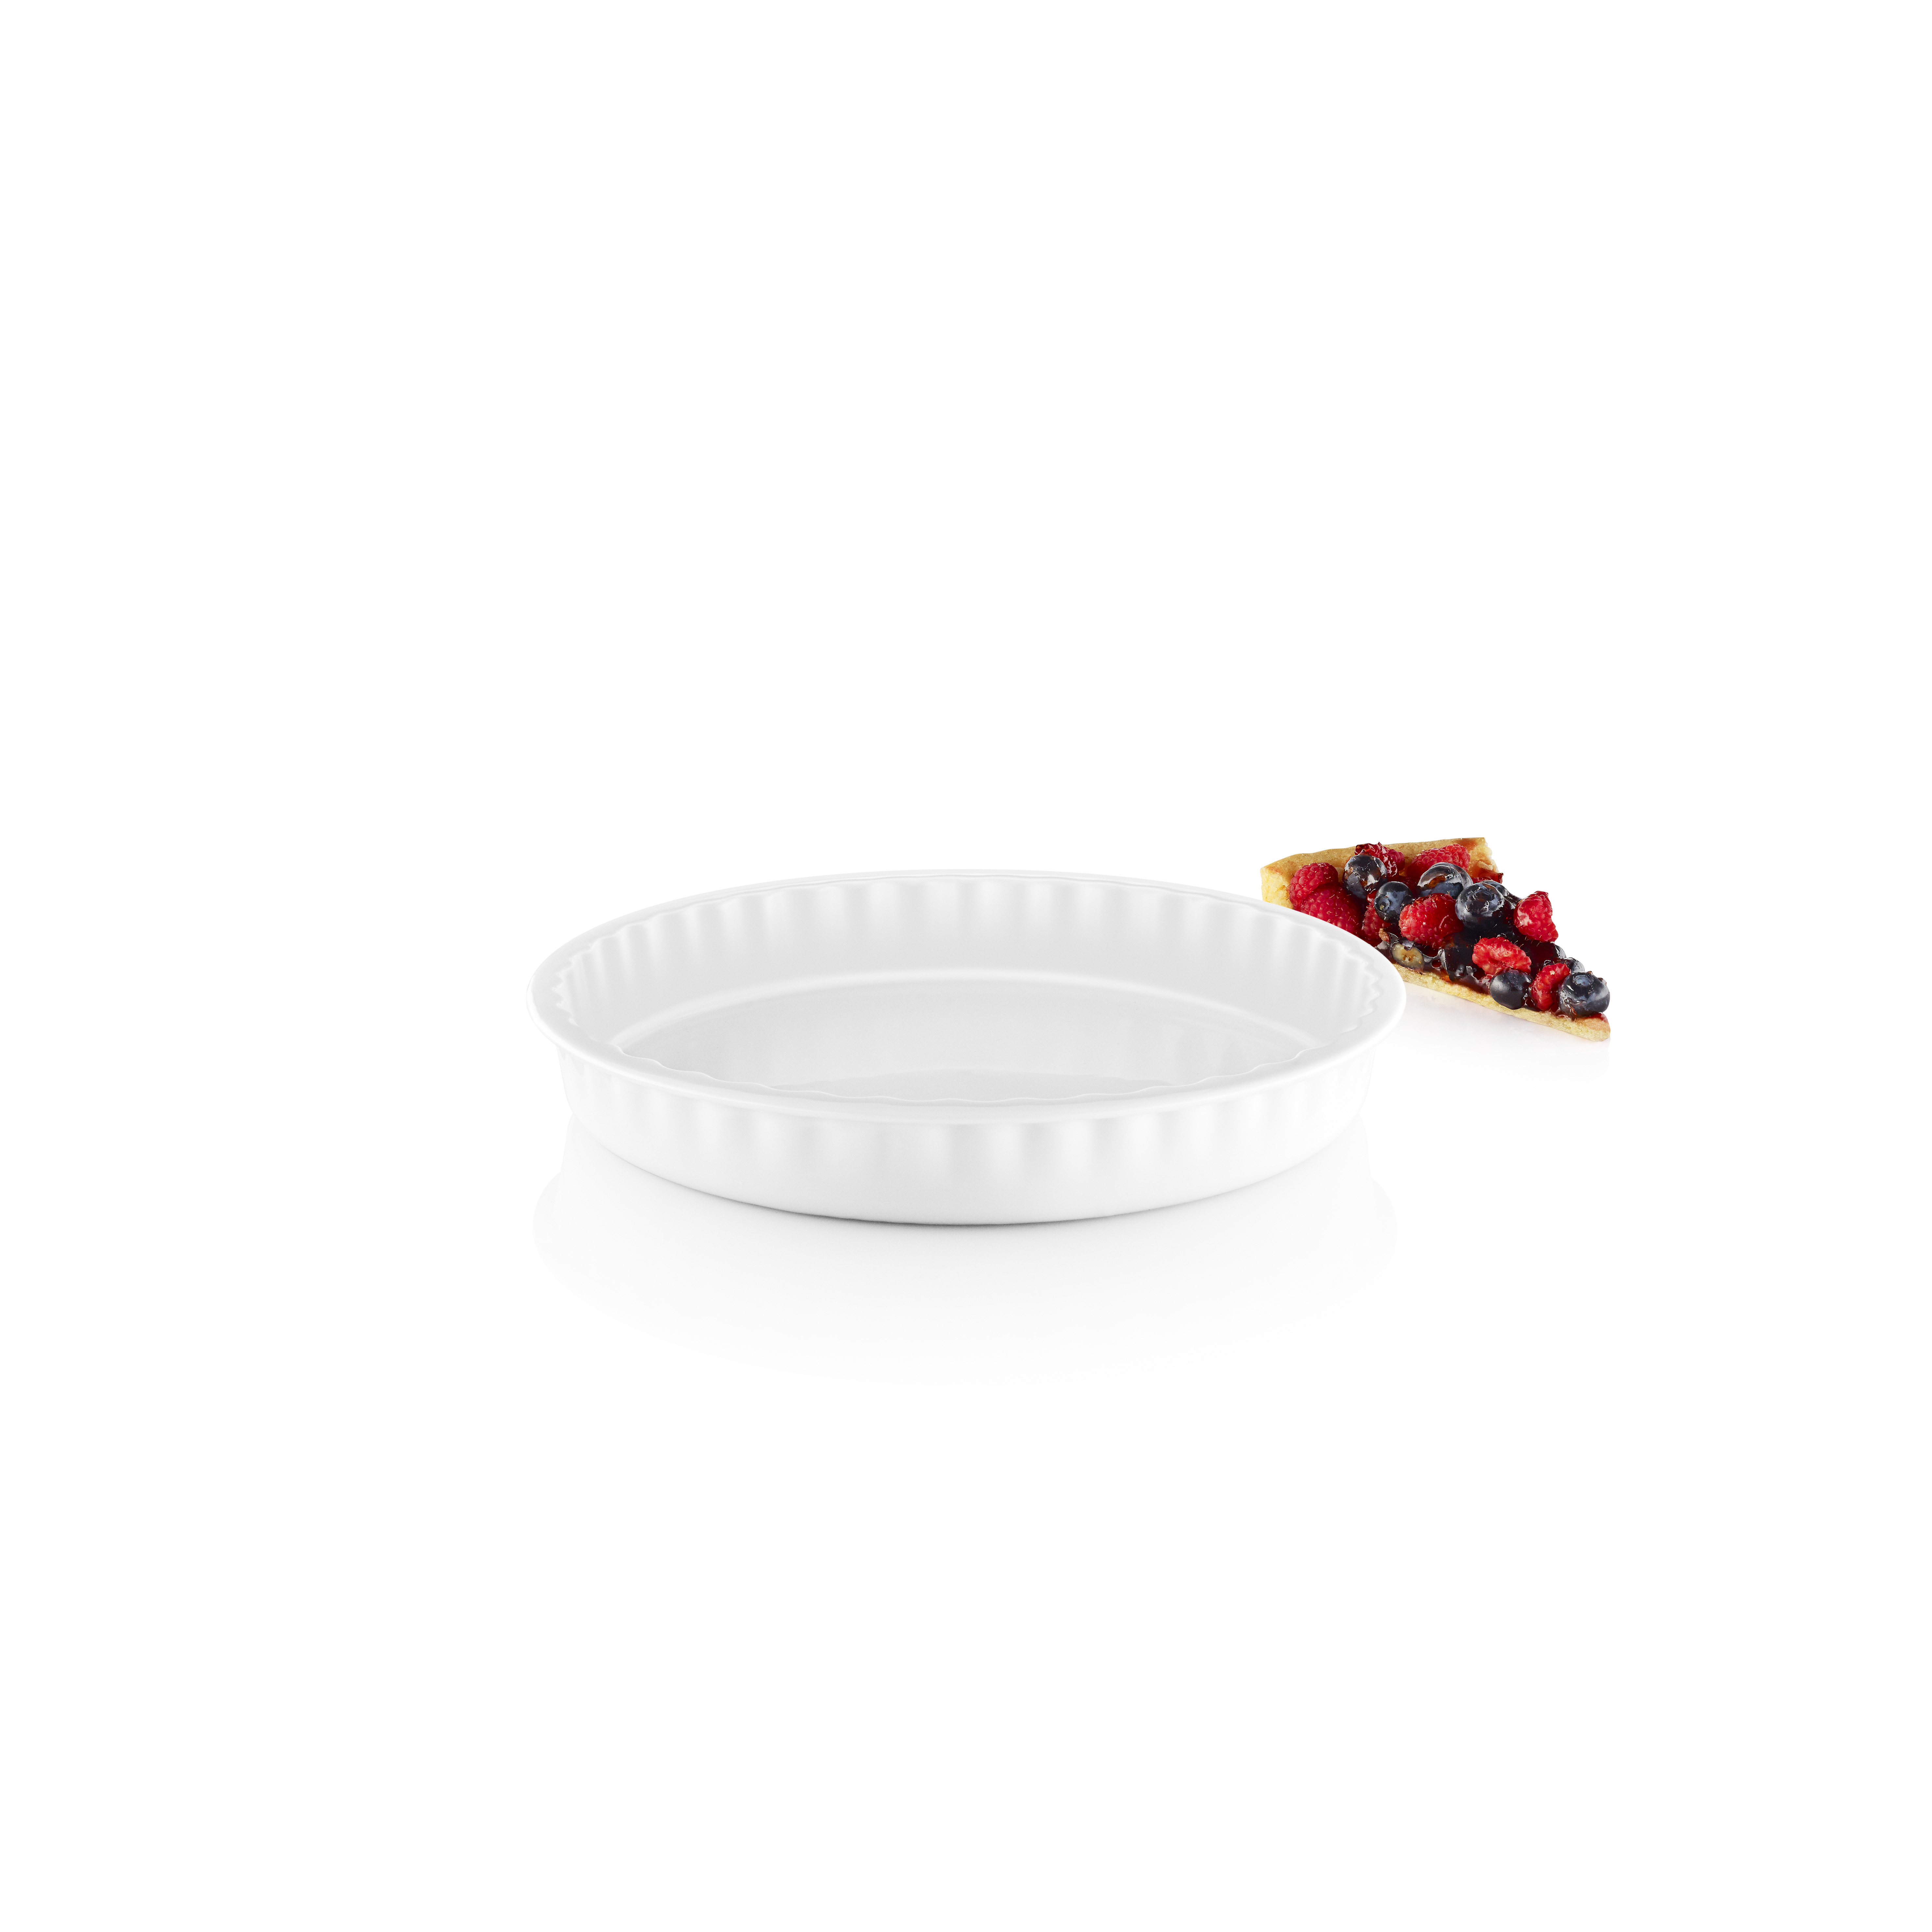 Eva Solo - Pie Dish 24 cm - Medium (885242)